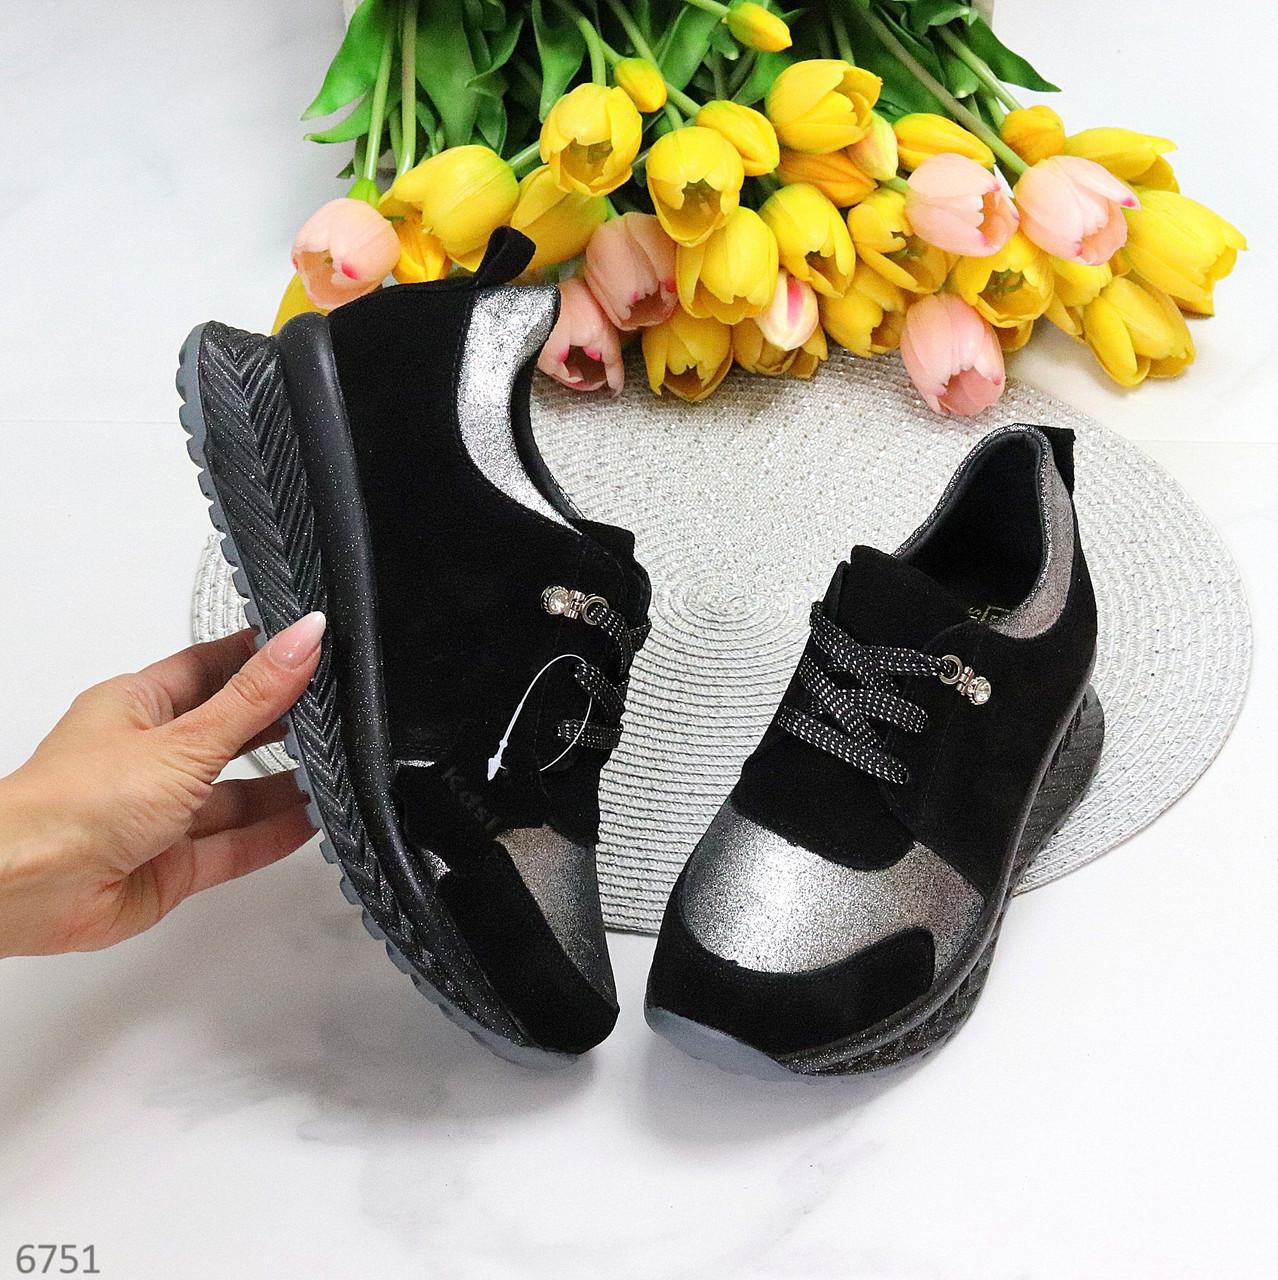 Чорні сріблясті жіночі замшеві кросівки снікерси натуральна замша